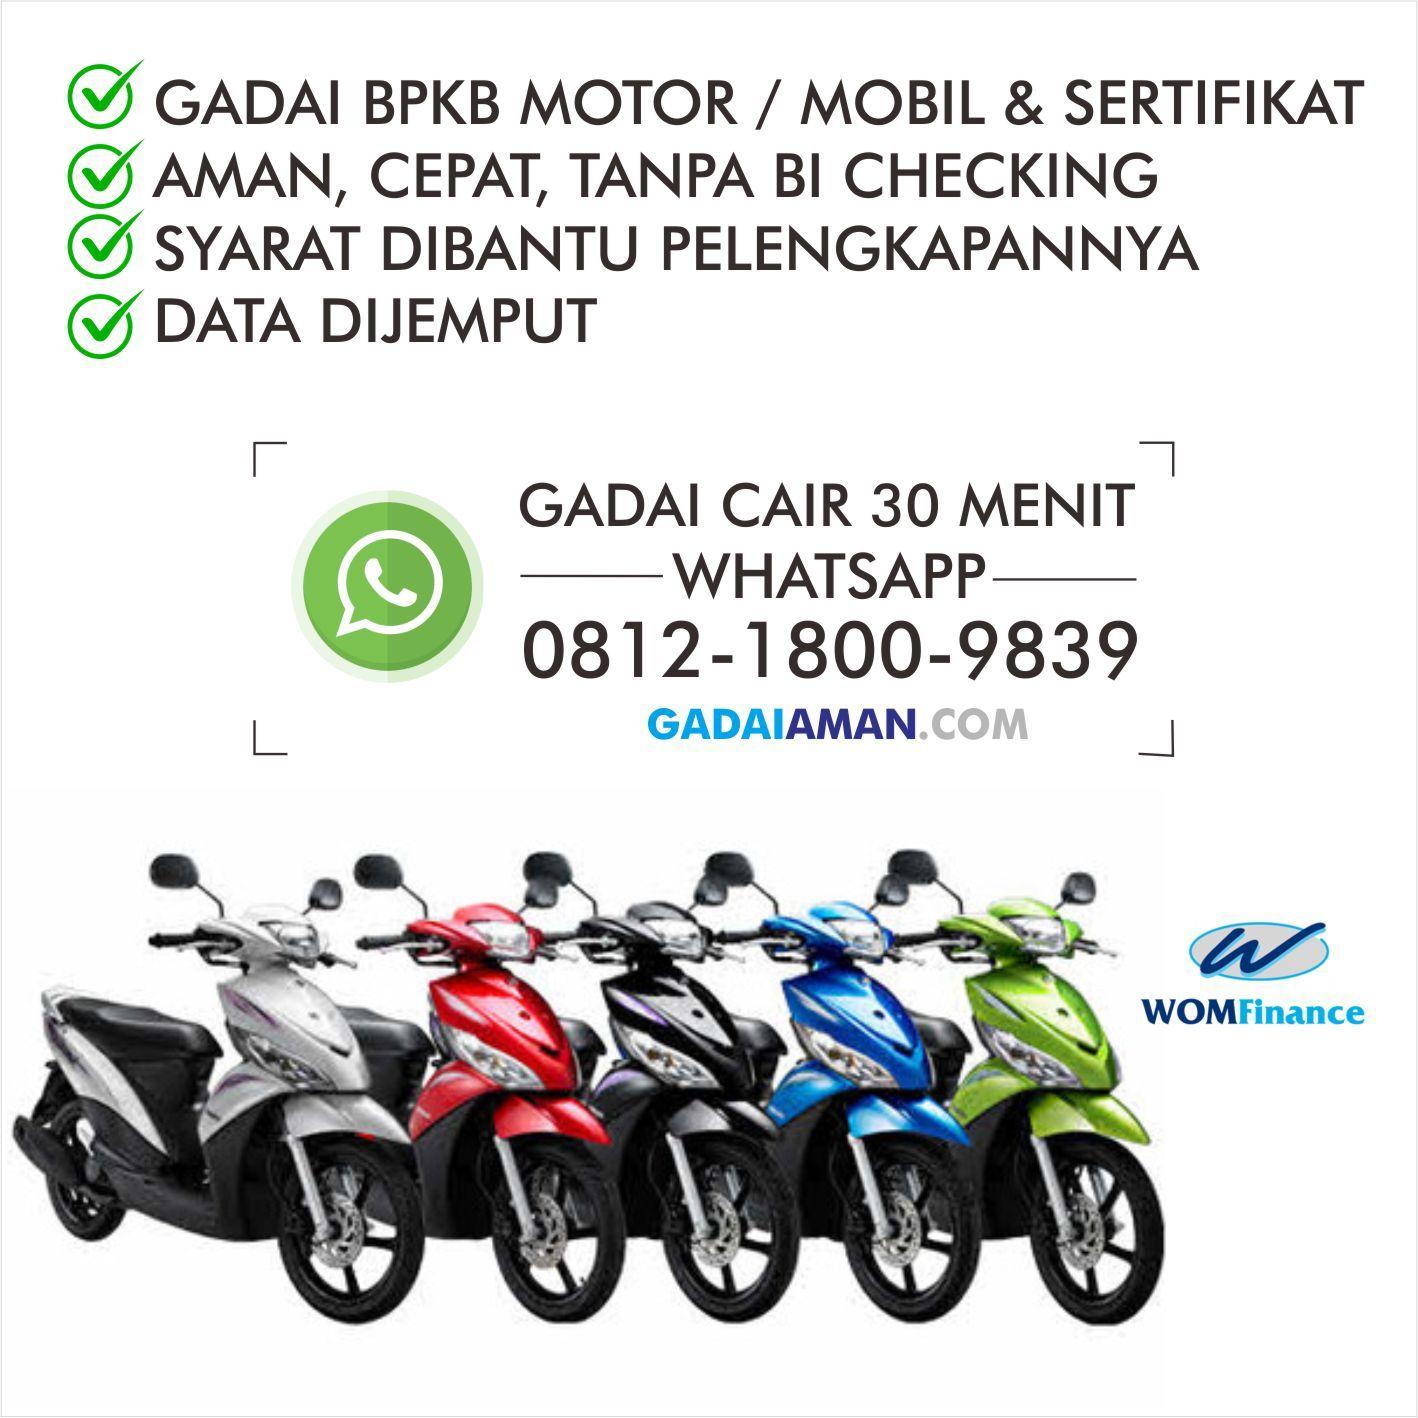 Ga Ribet Wa 0812 1800 9839 Kredit Plus Cimahi Bogor Motor Mobil Pelampung